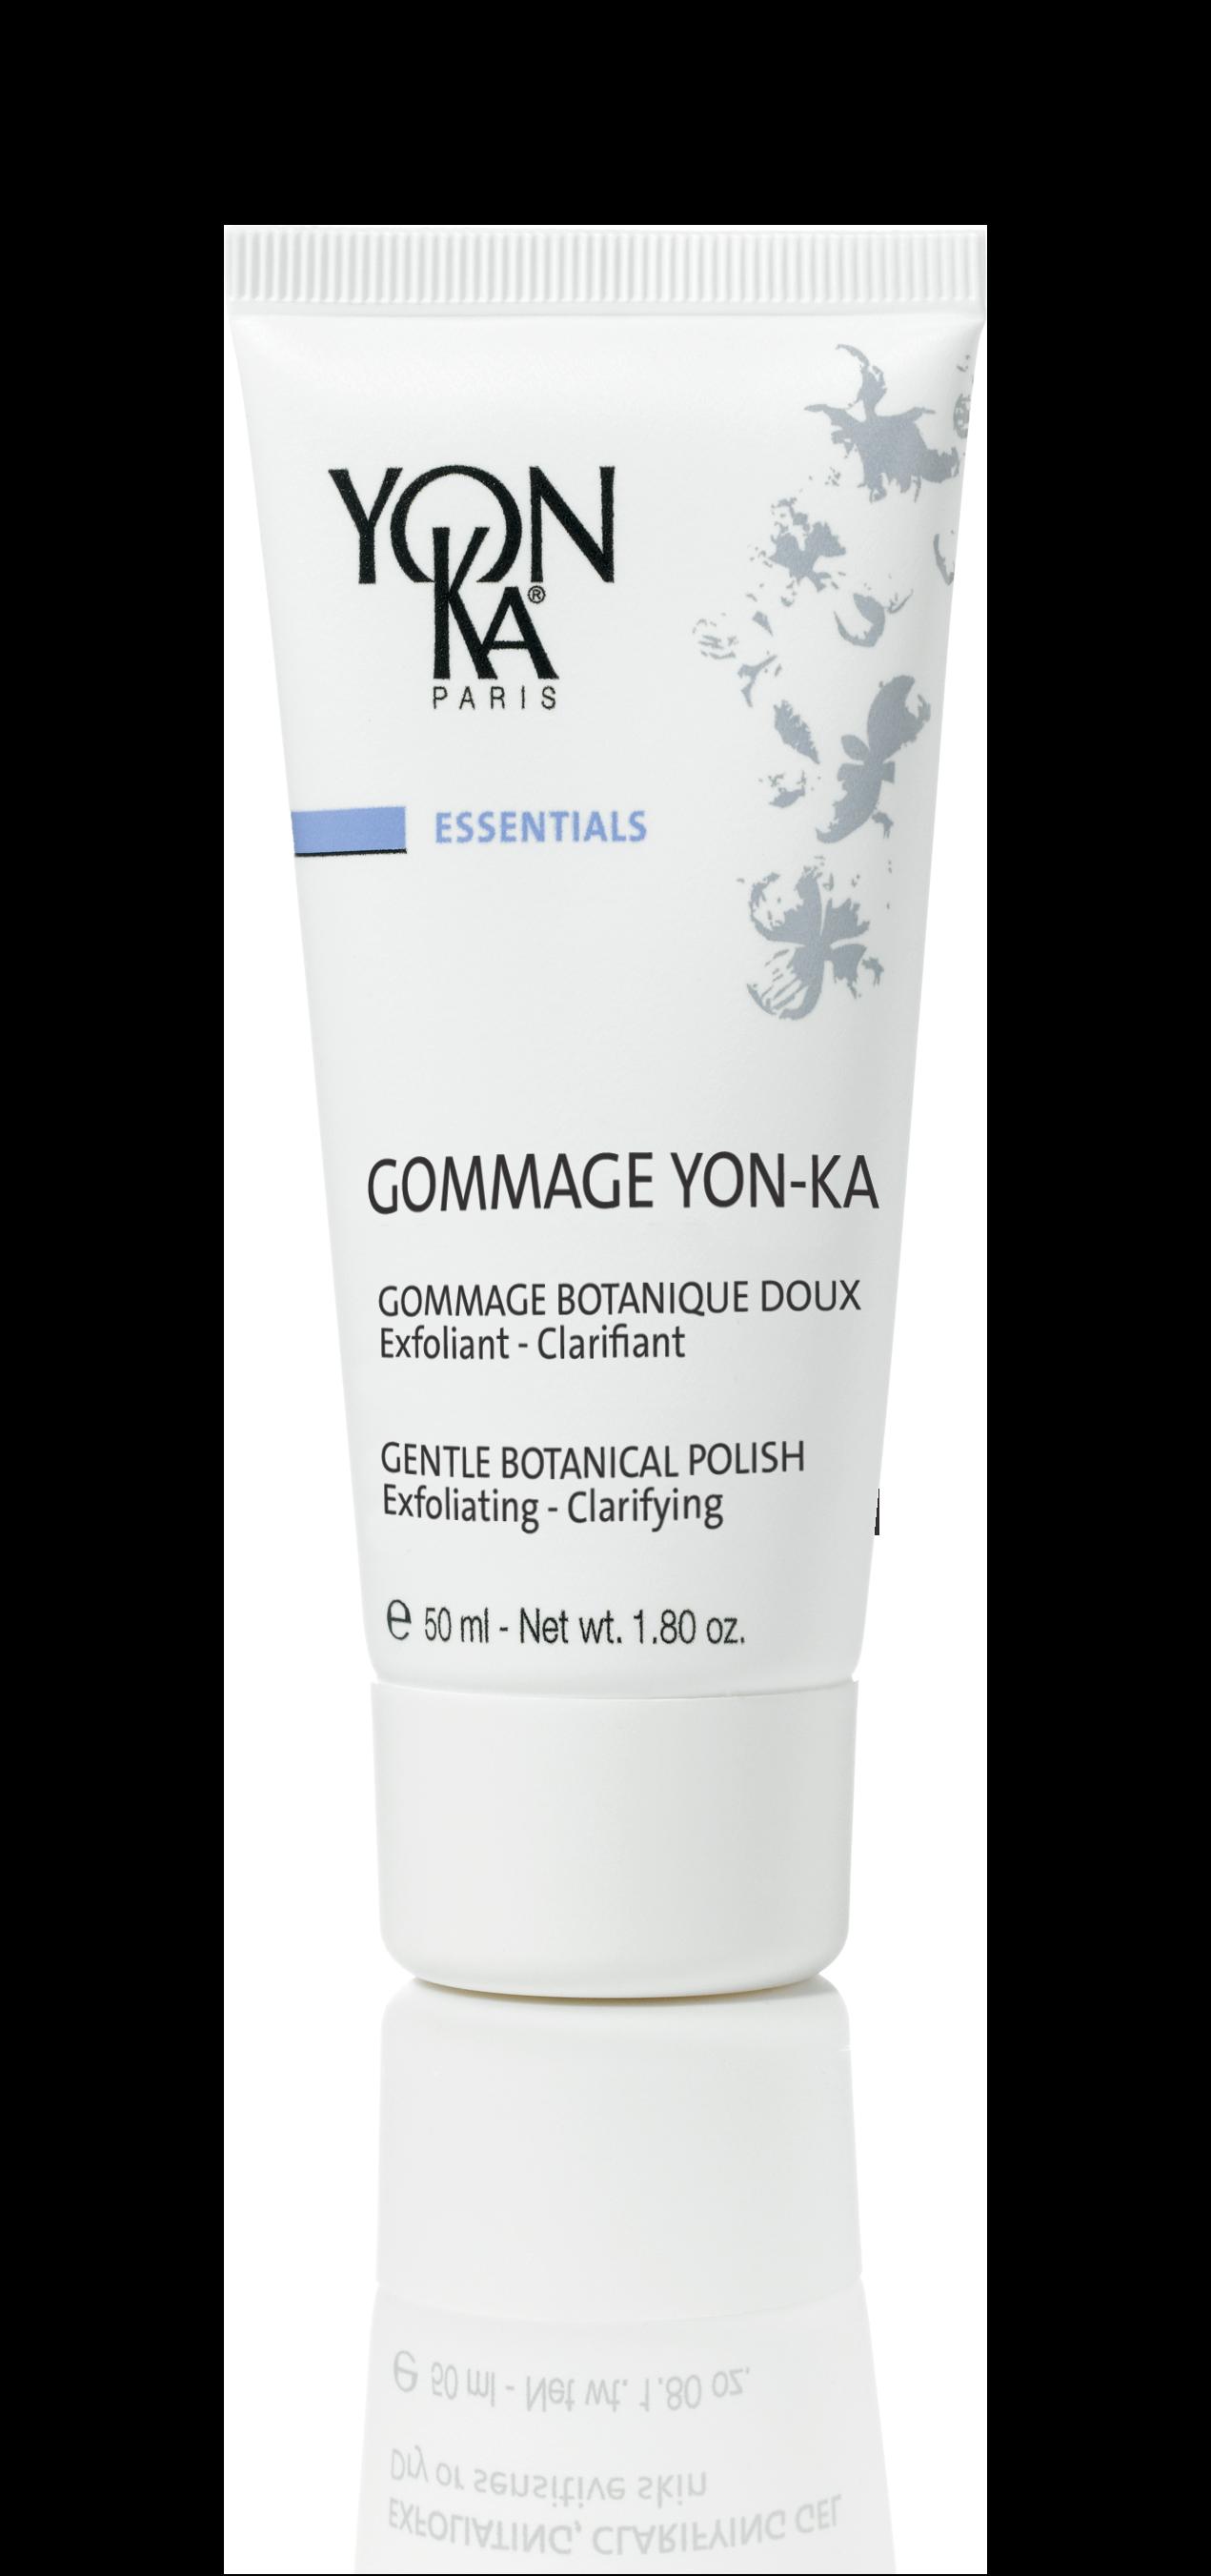 gommage_yon-ka_retouche_yk.png